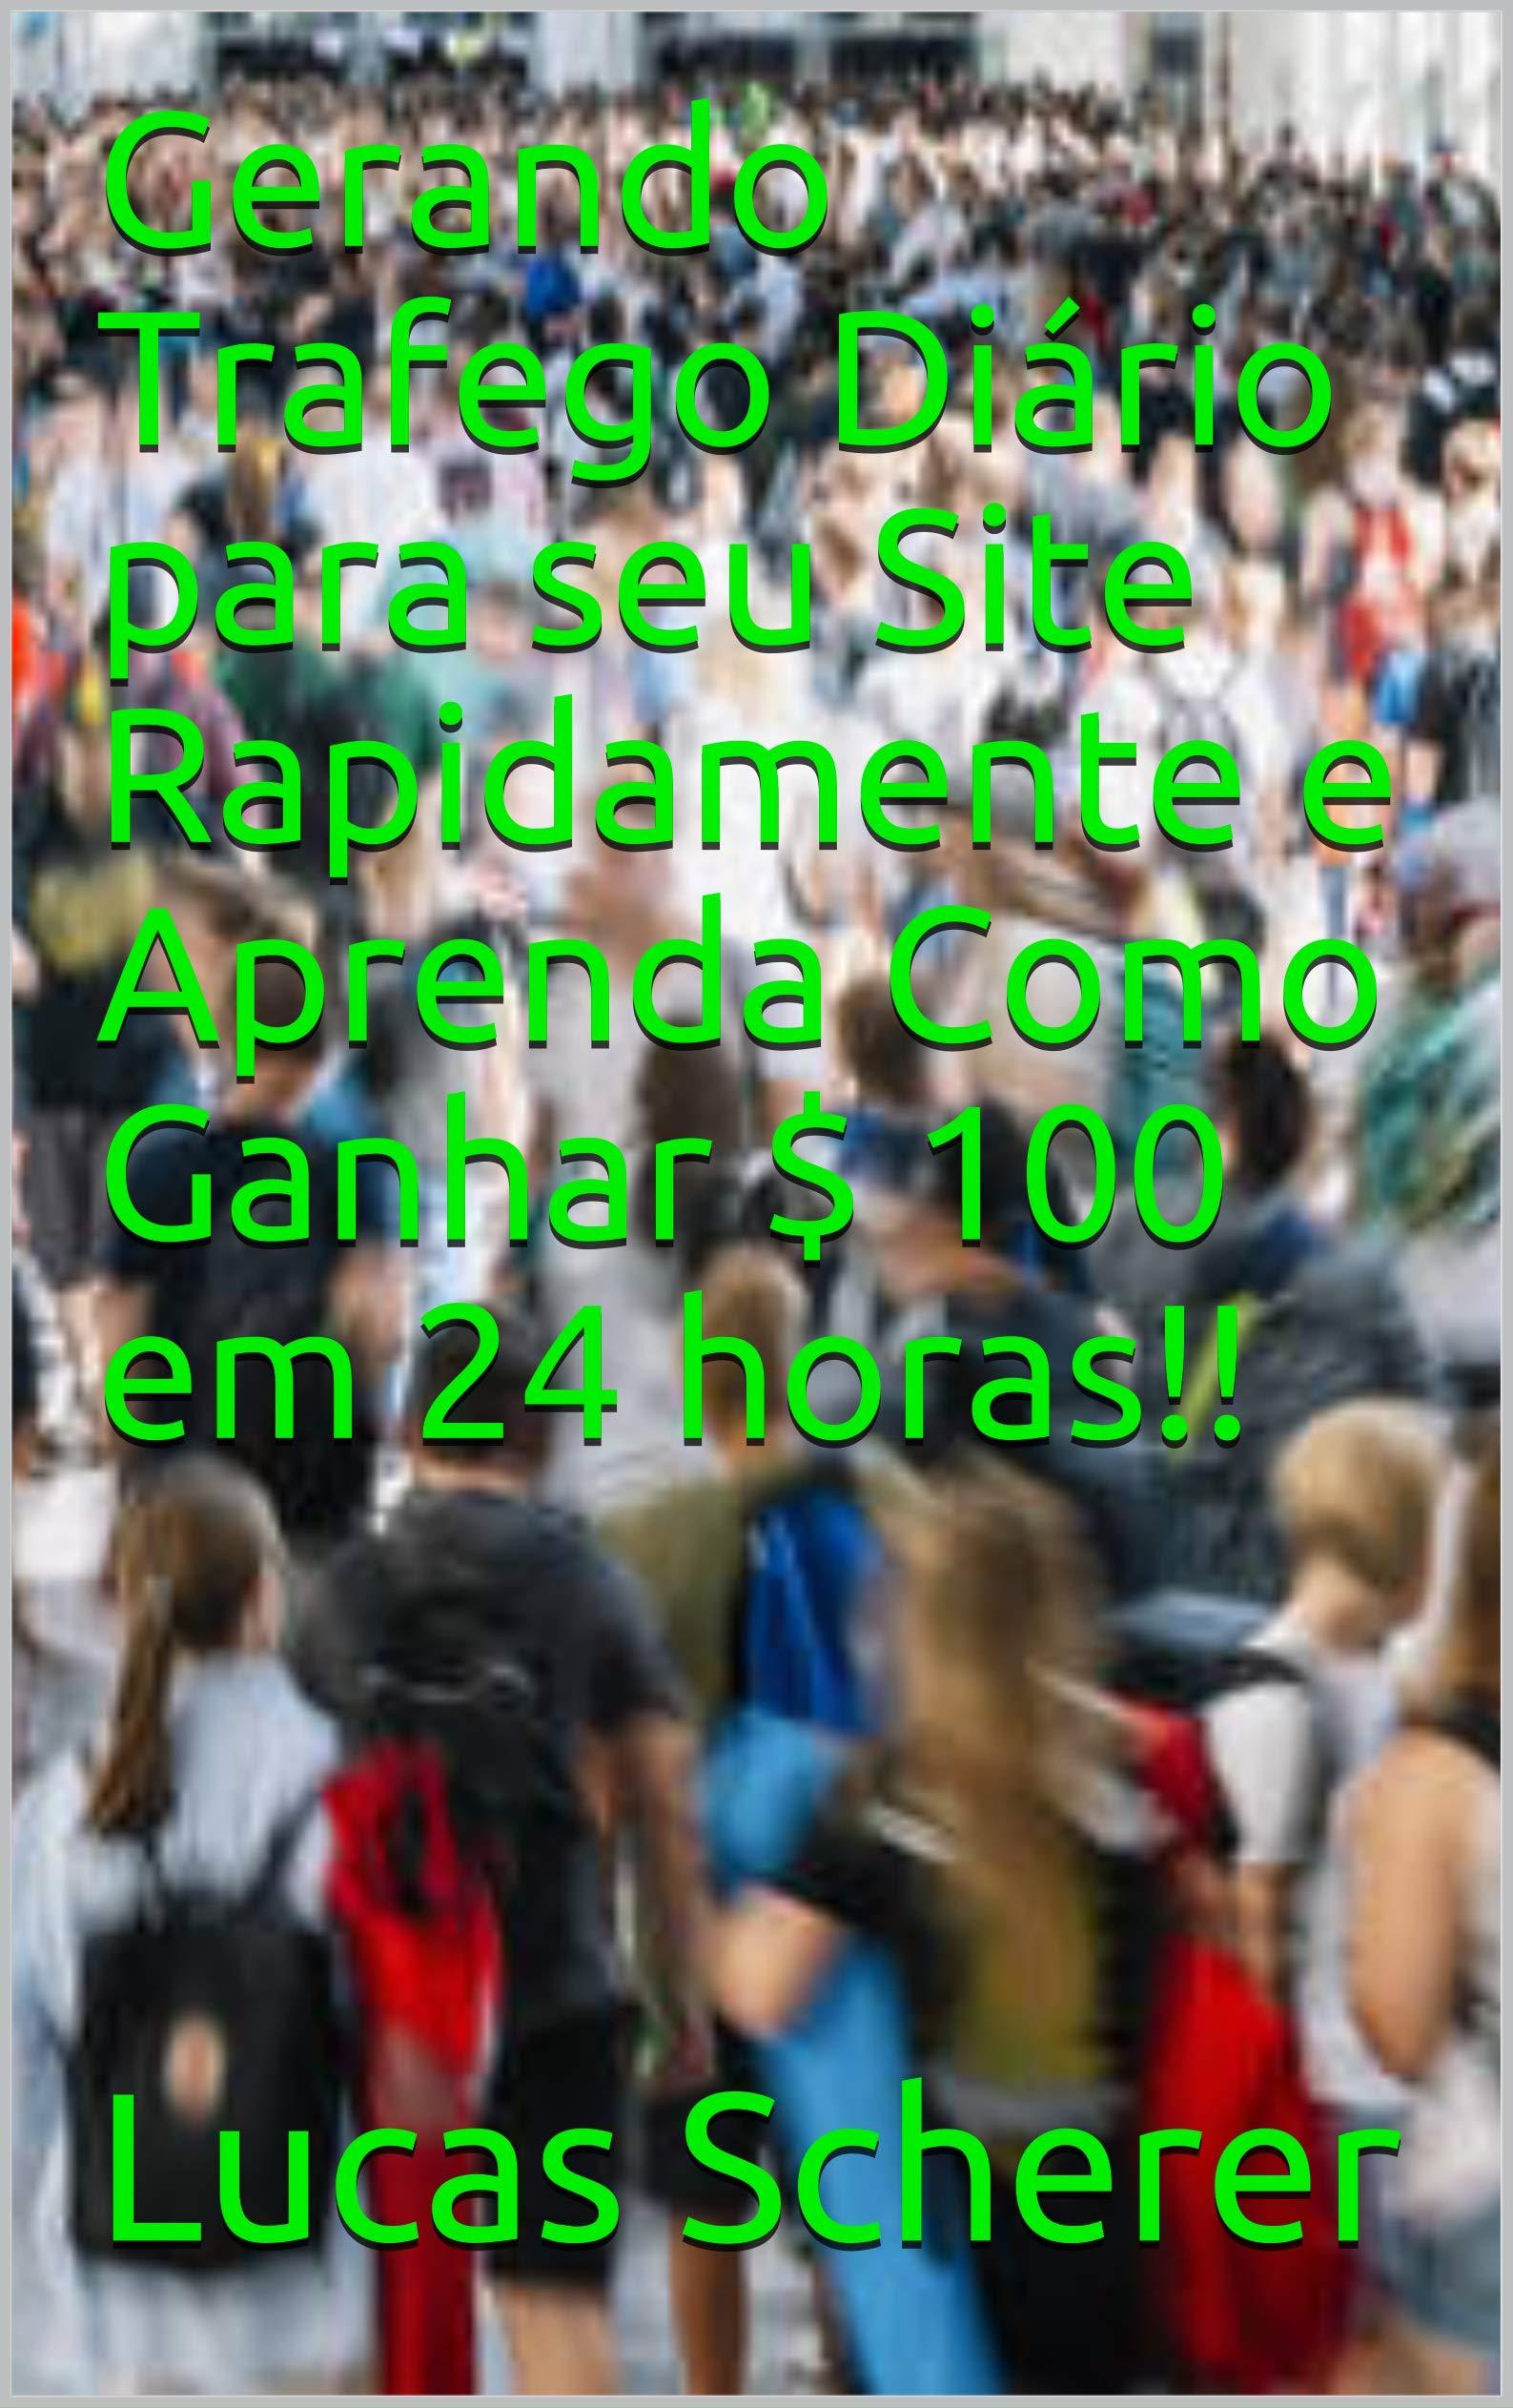 Gerando Trafego Diário para seu Site Rapidamente e Aprenda Como Ganhar $ 100 em 24 horas!! (Portuguese Edition)